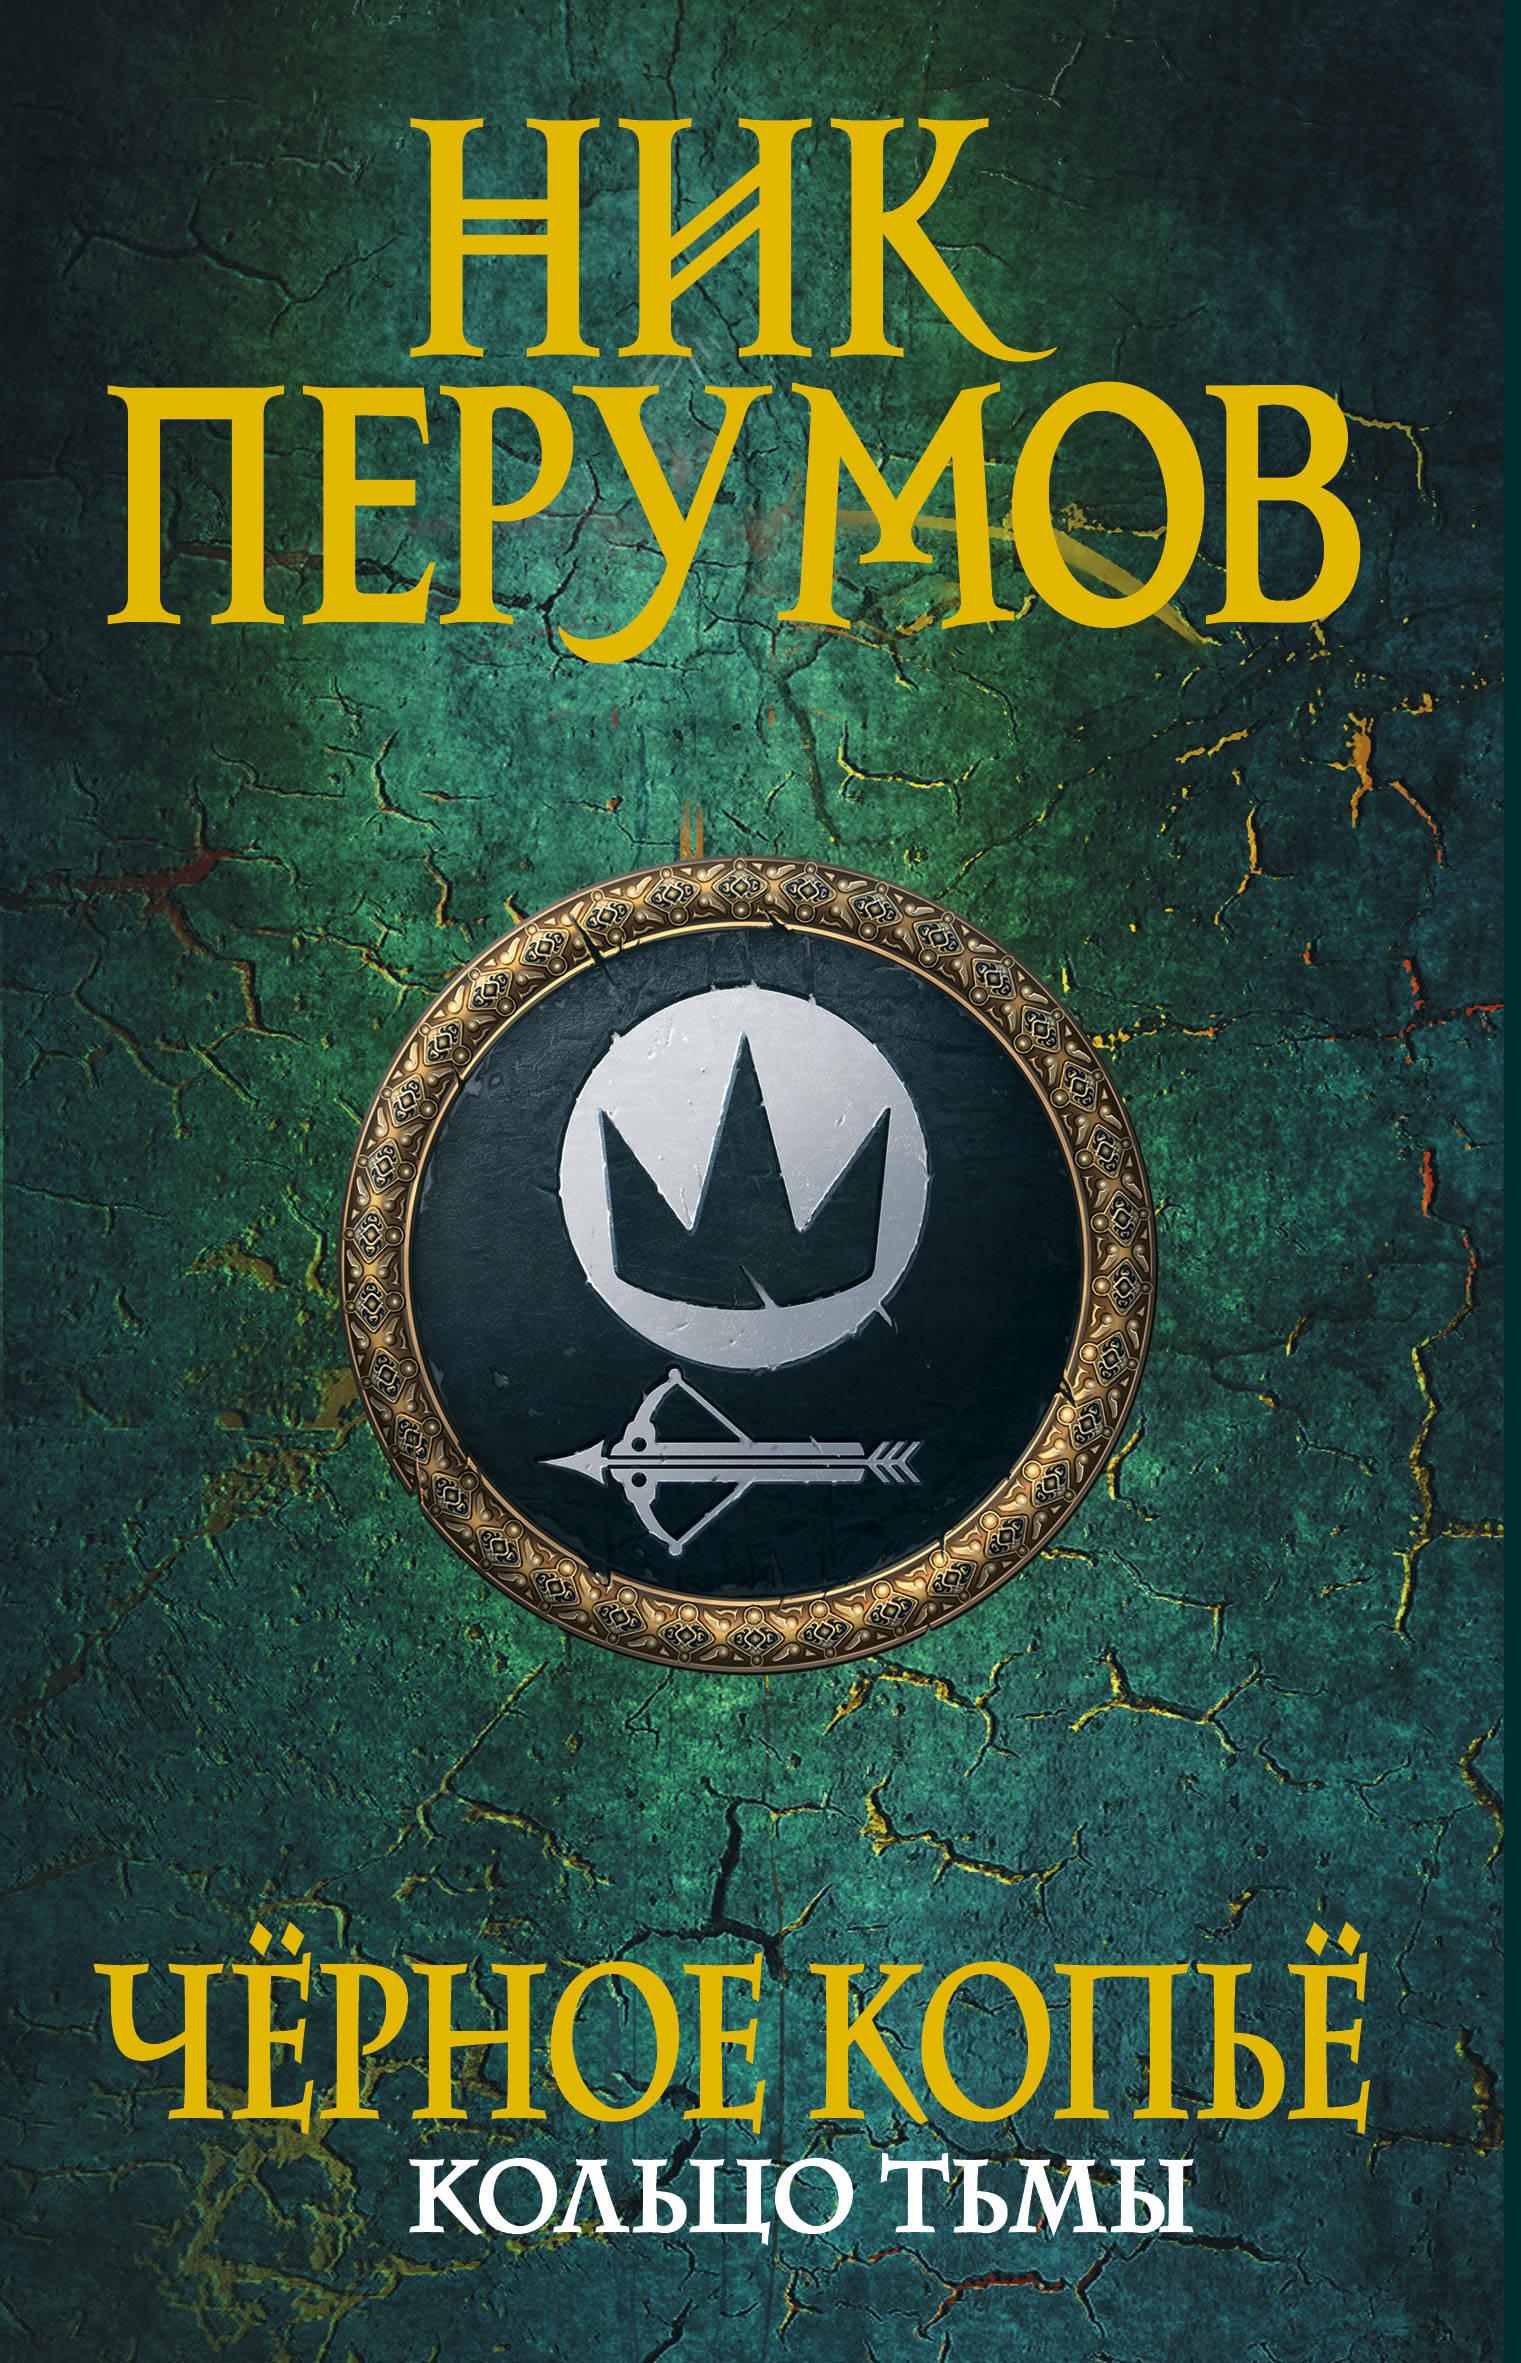 Ник Перумов Черное копье ник перумов кольцо тьмы комплект из 2 книг